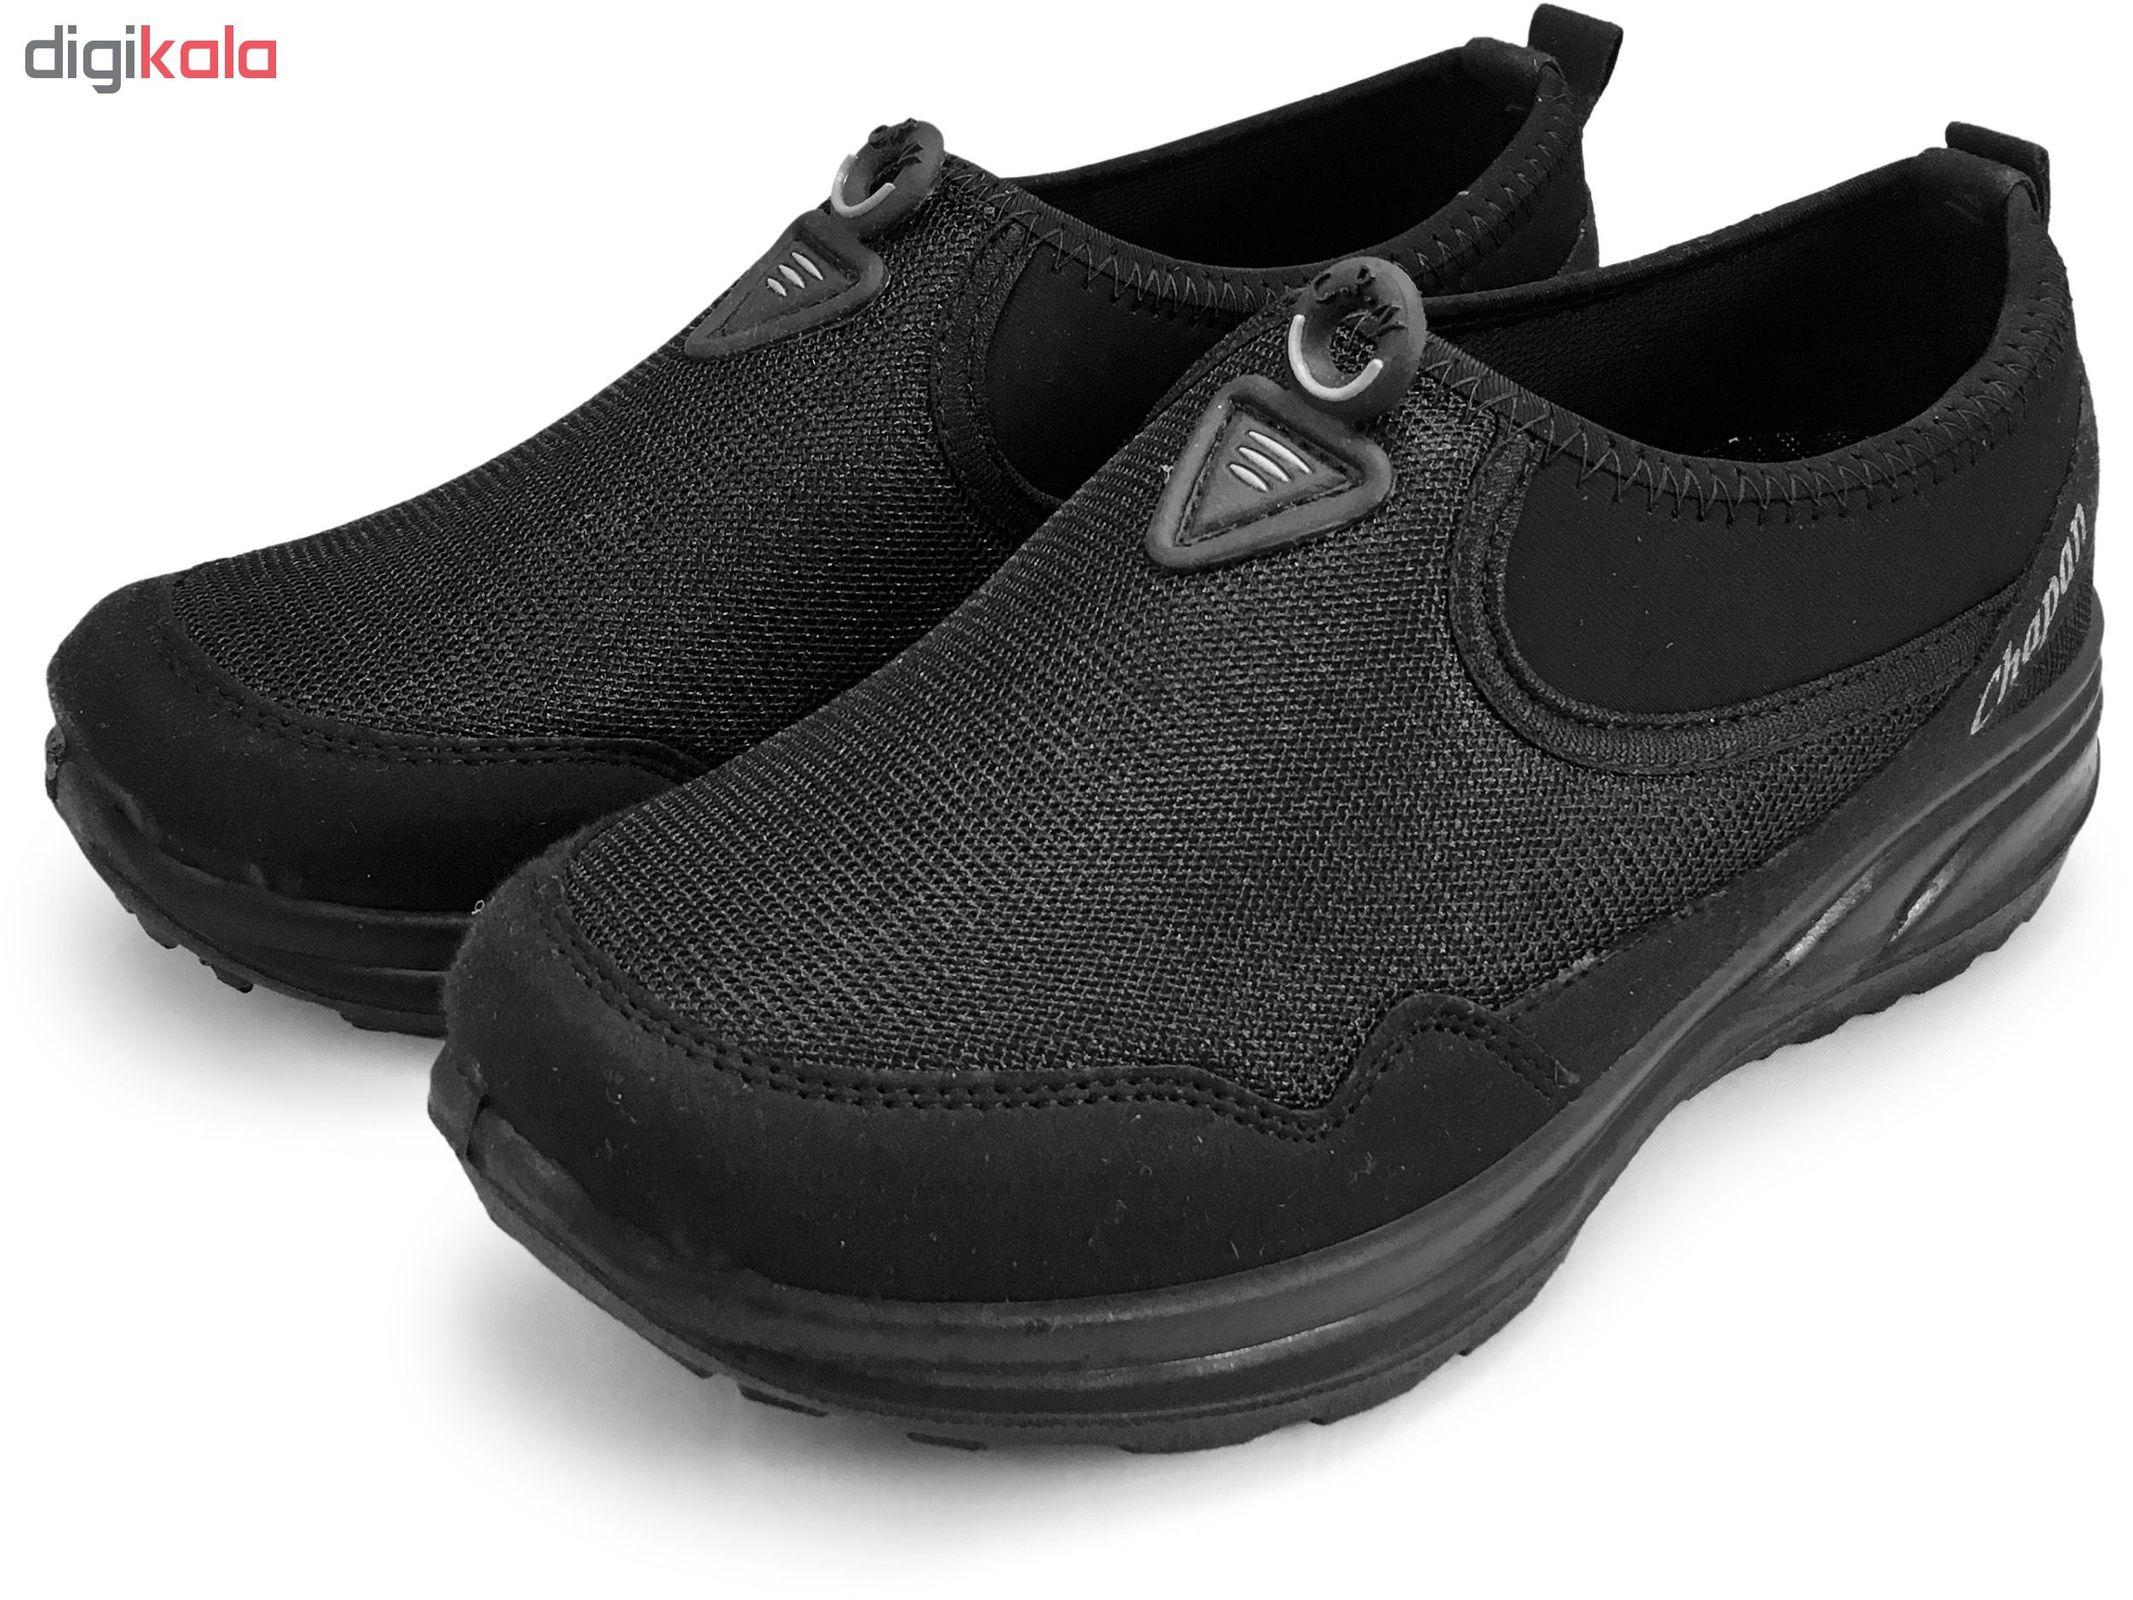 کفش مخصوص پیاده روی زنانه چپان کد 3665 main 1 6